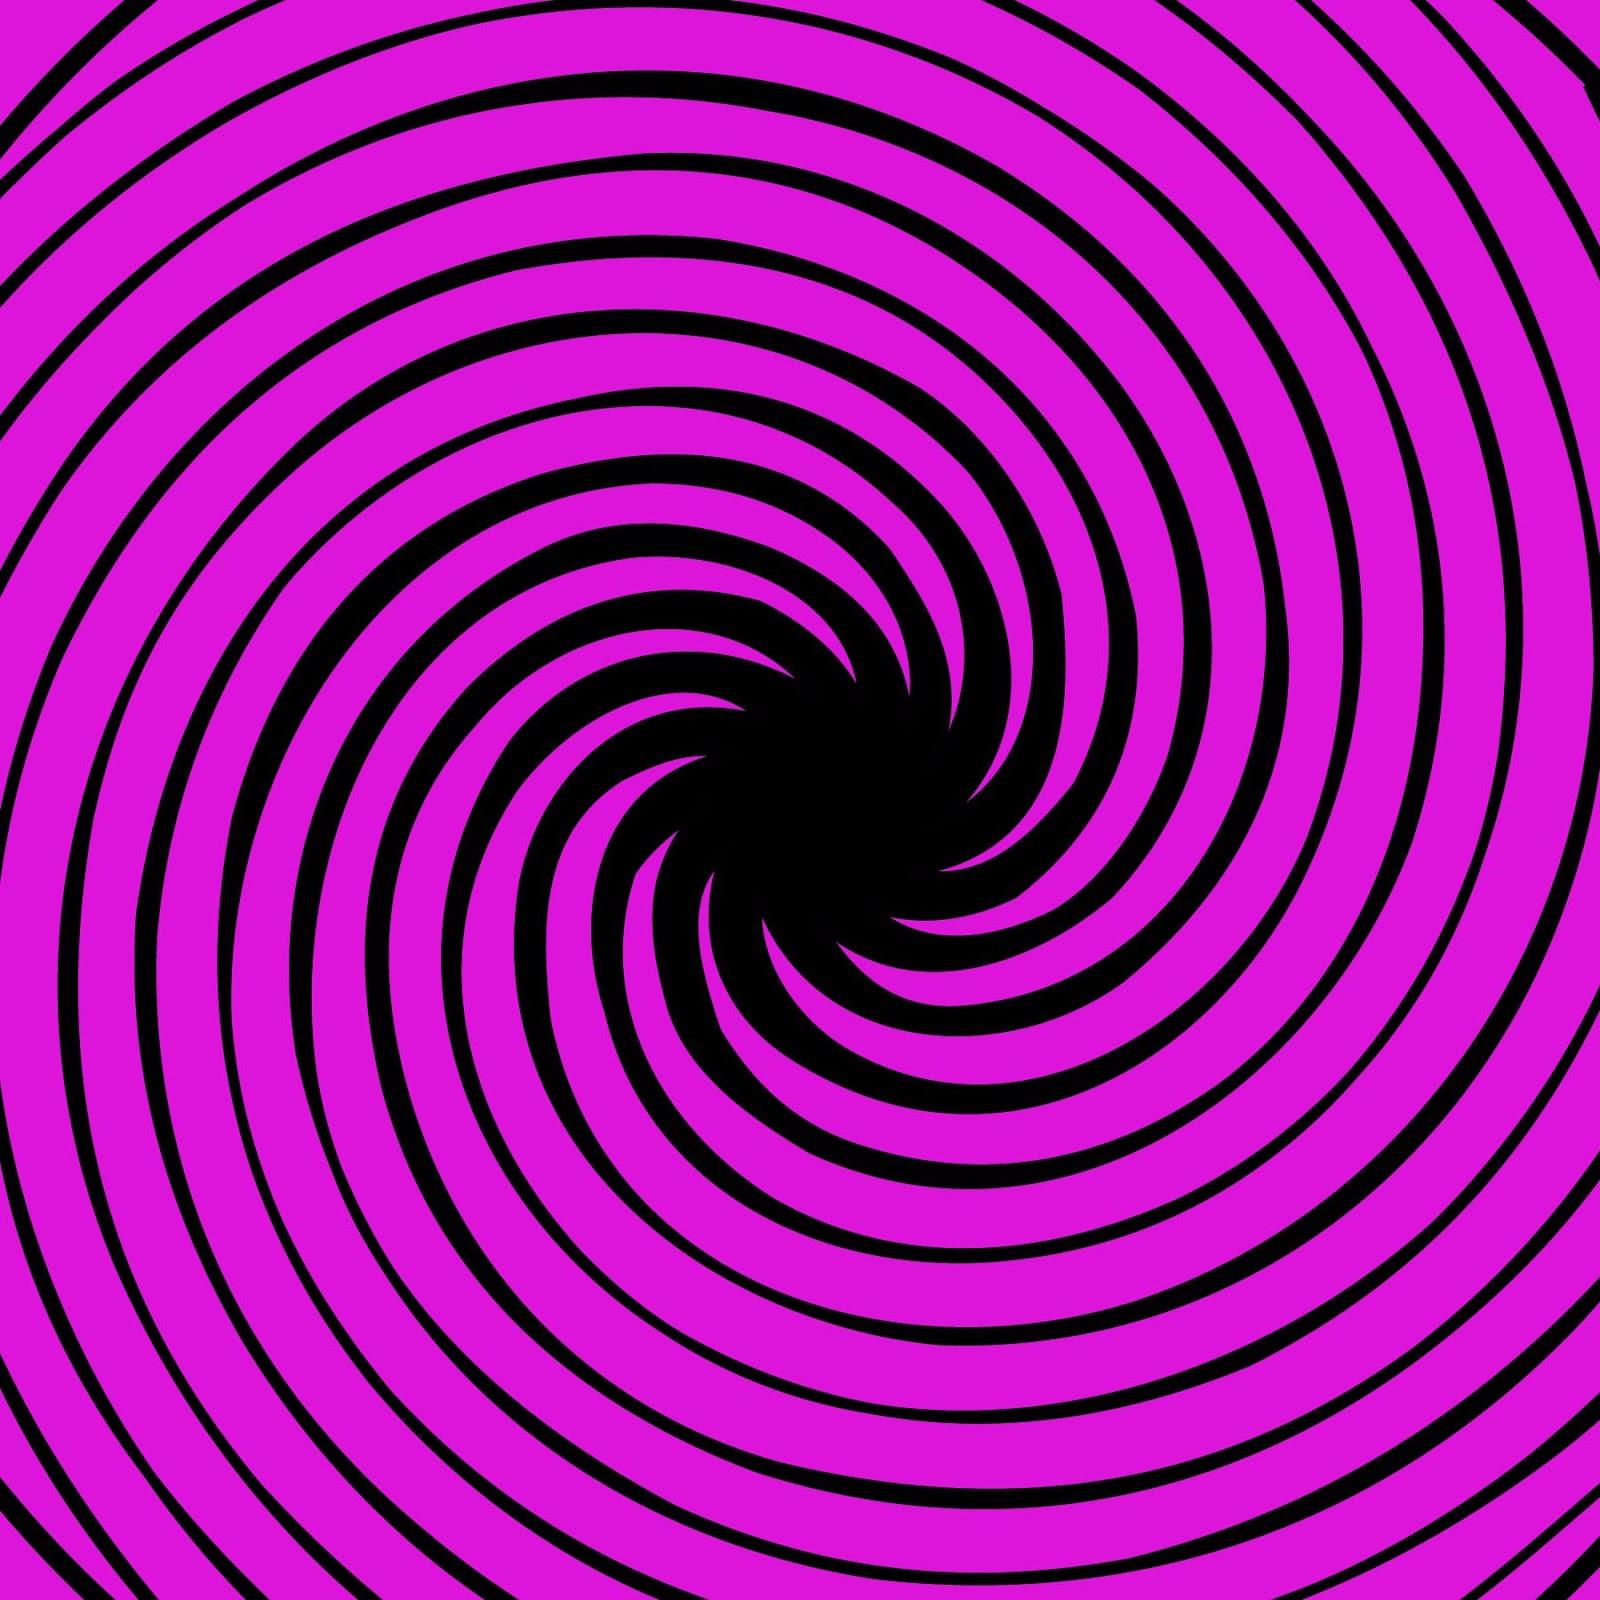 free vintage digital stamps free digital scrapbook paper hypnotic swirls. Black Bedroom Furniture Sets. Home Design Ideas